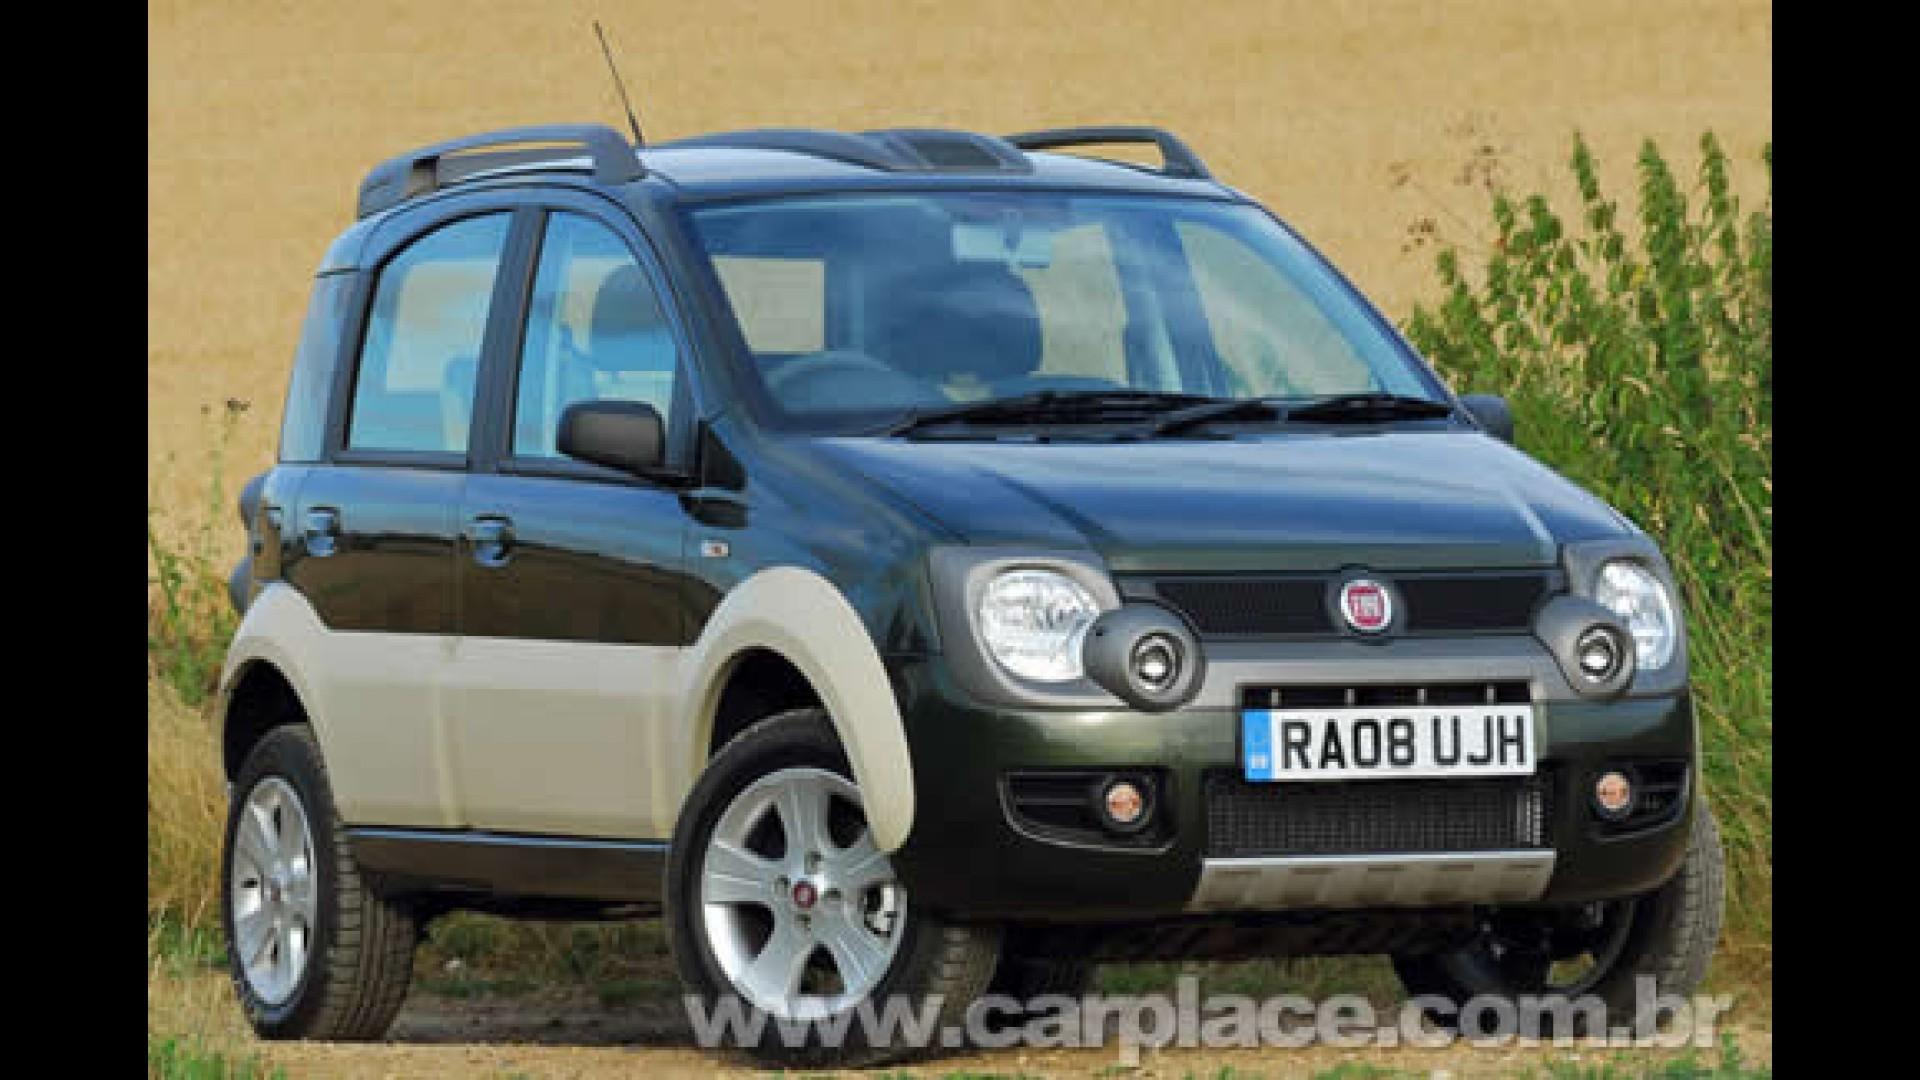 Fiat Panda Cross Versao Adventure Com Tracao 4x4 E Lancada No Reino Unido